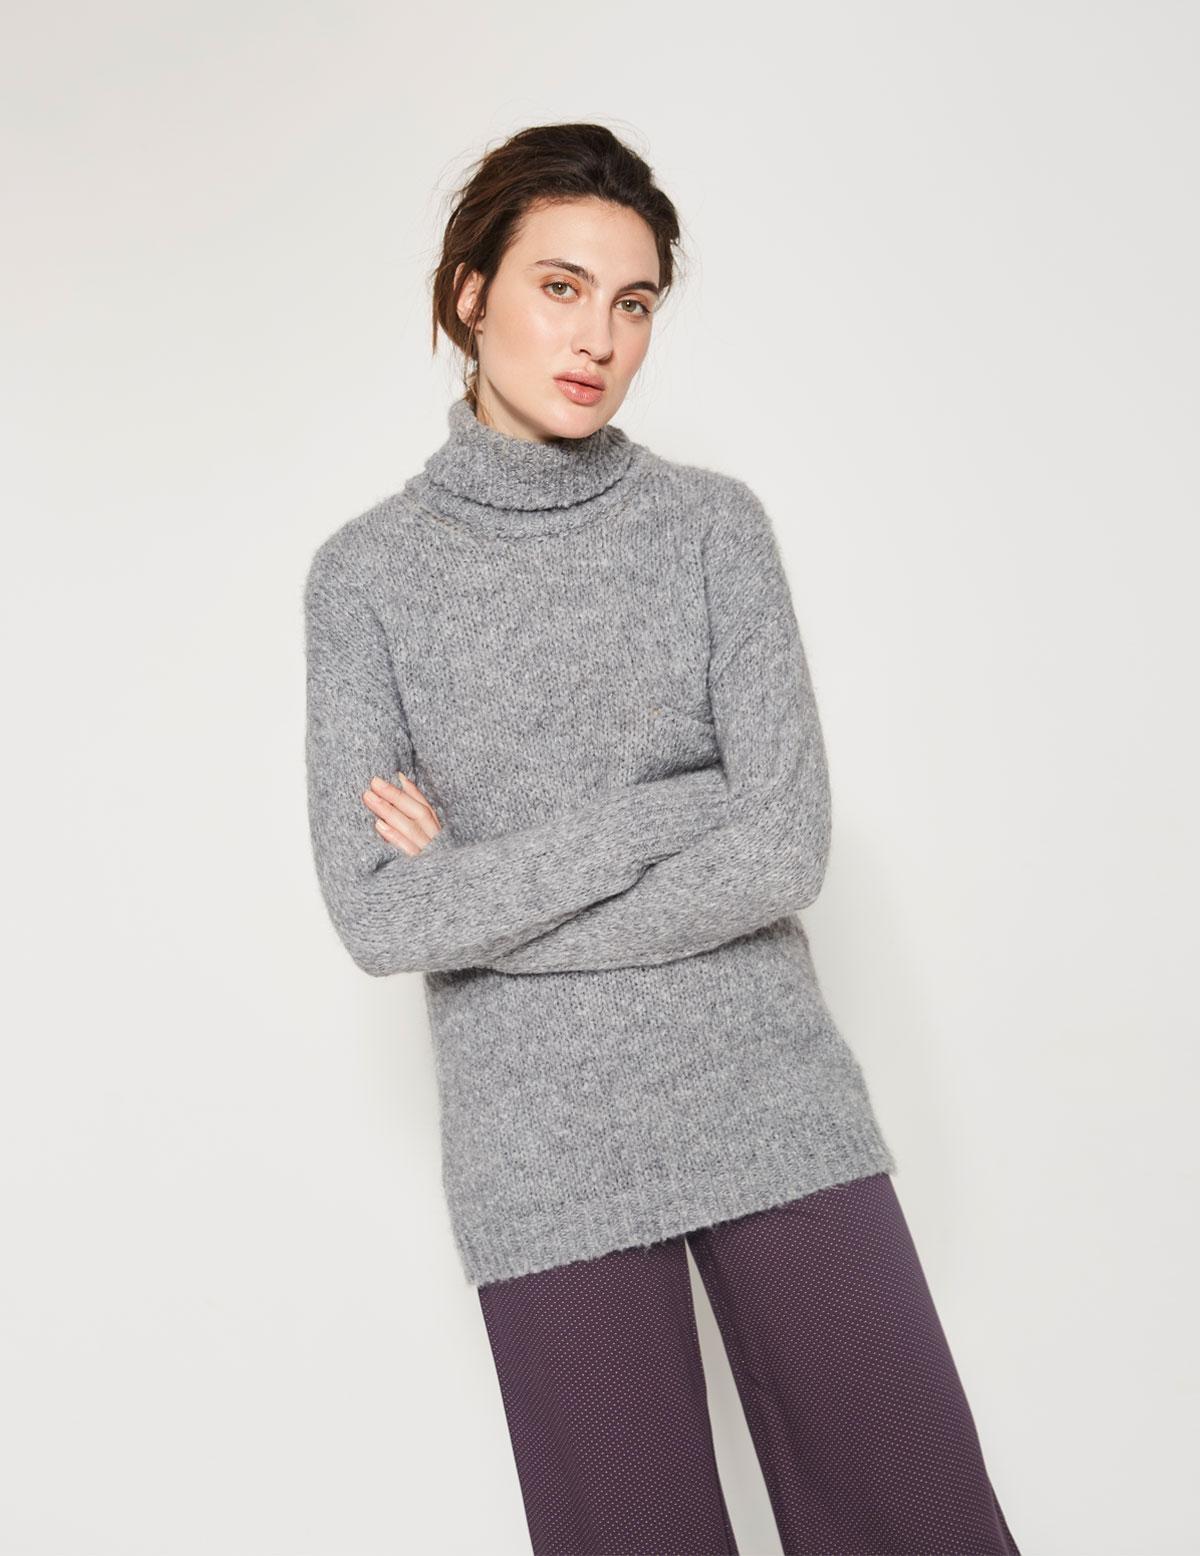 Jersey cuello alto y bolsillo - Ítem1